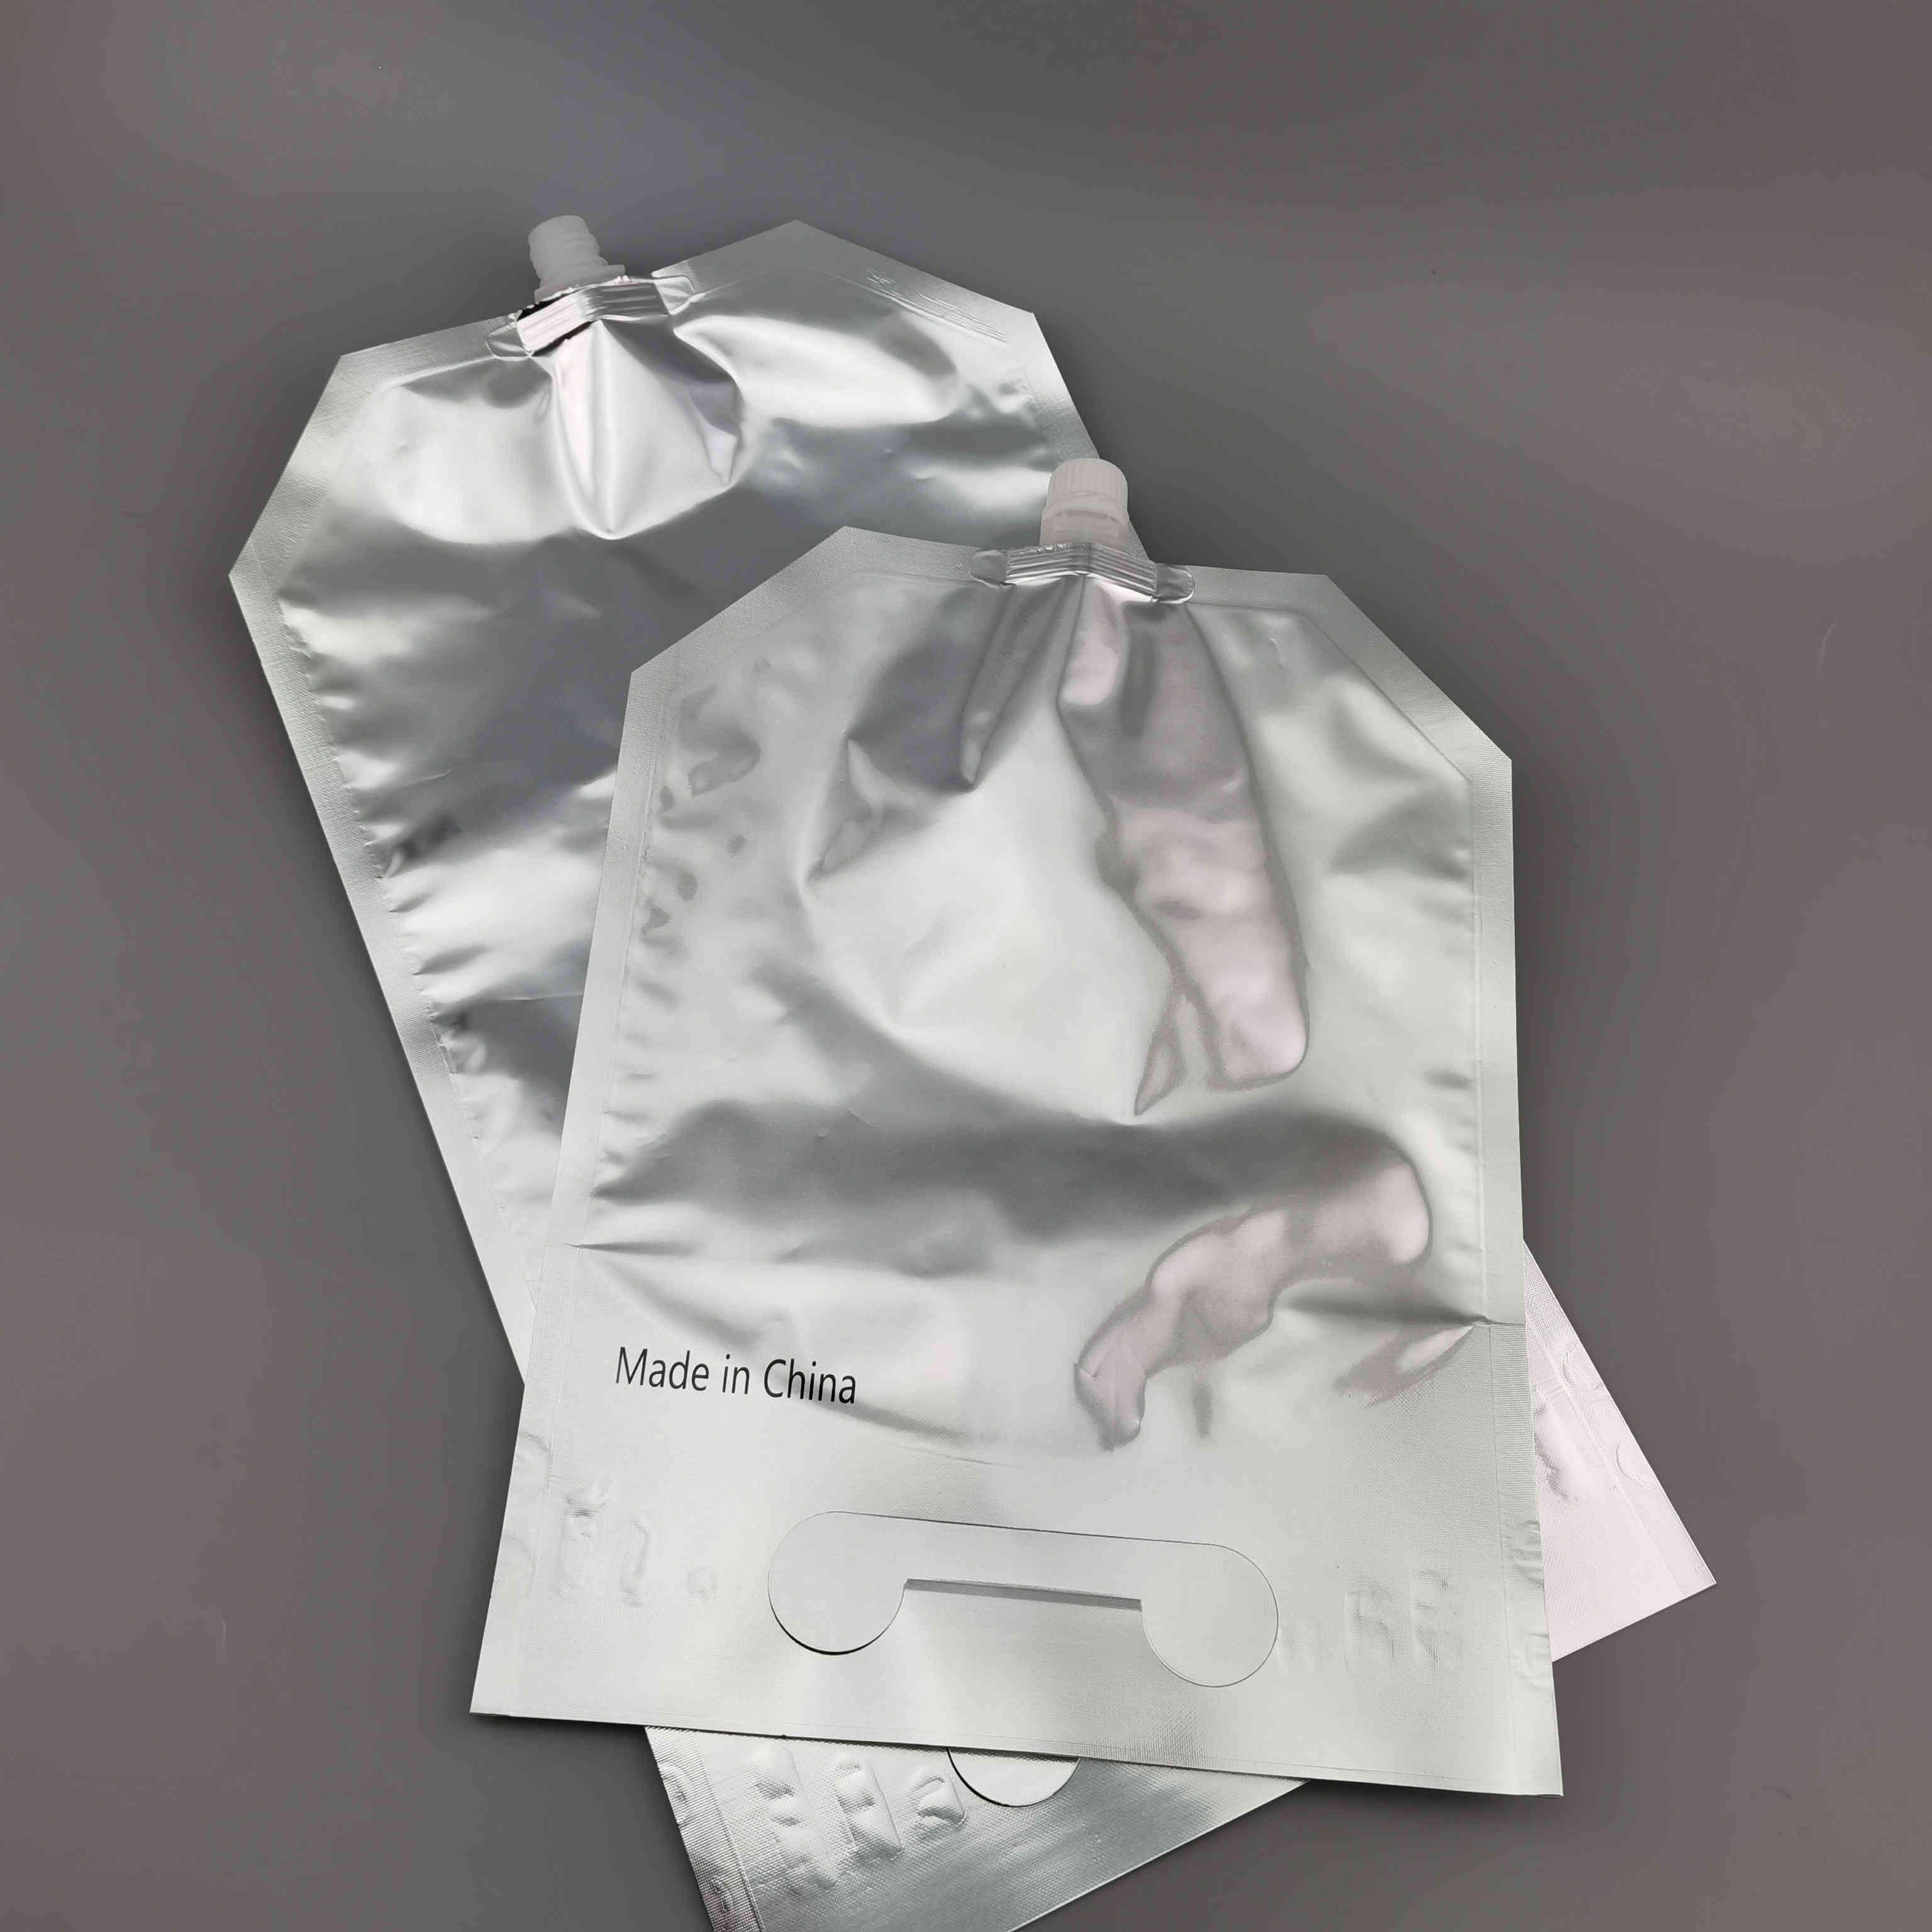 定制4千克母牛初乳罐服吸嘴袋犊牛初乳铝箔自立吸嘴袋存储液体袋